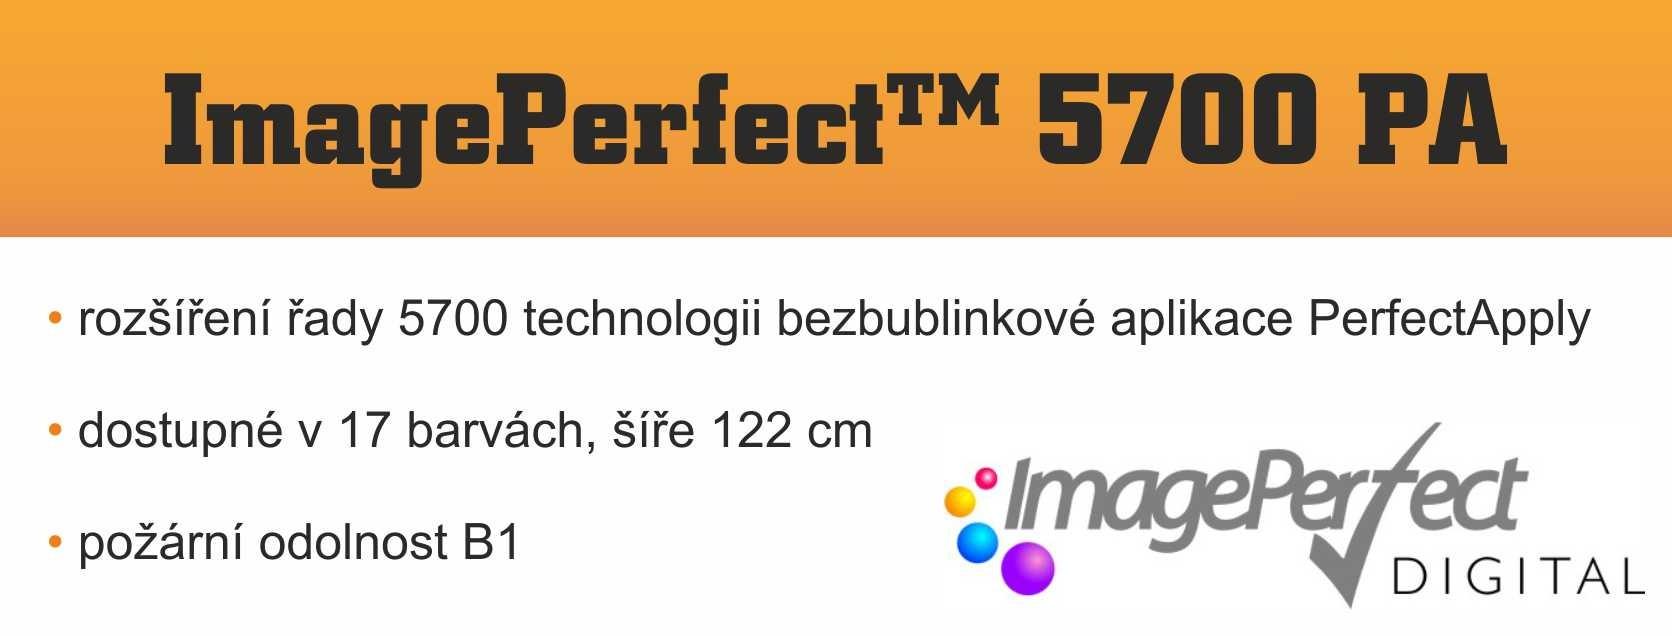 NOVINKA - ImagePerfect 5700 PA